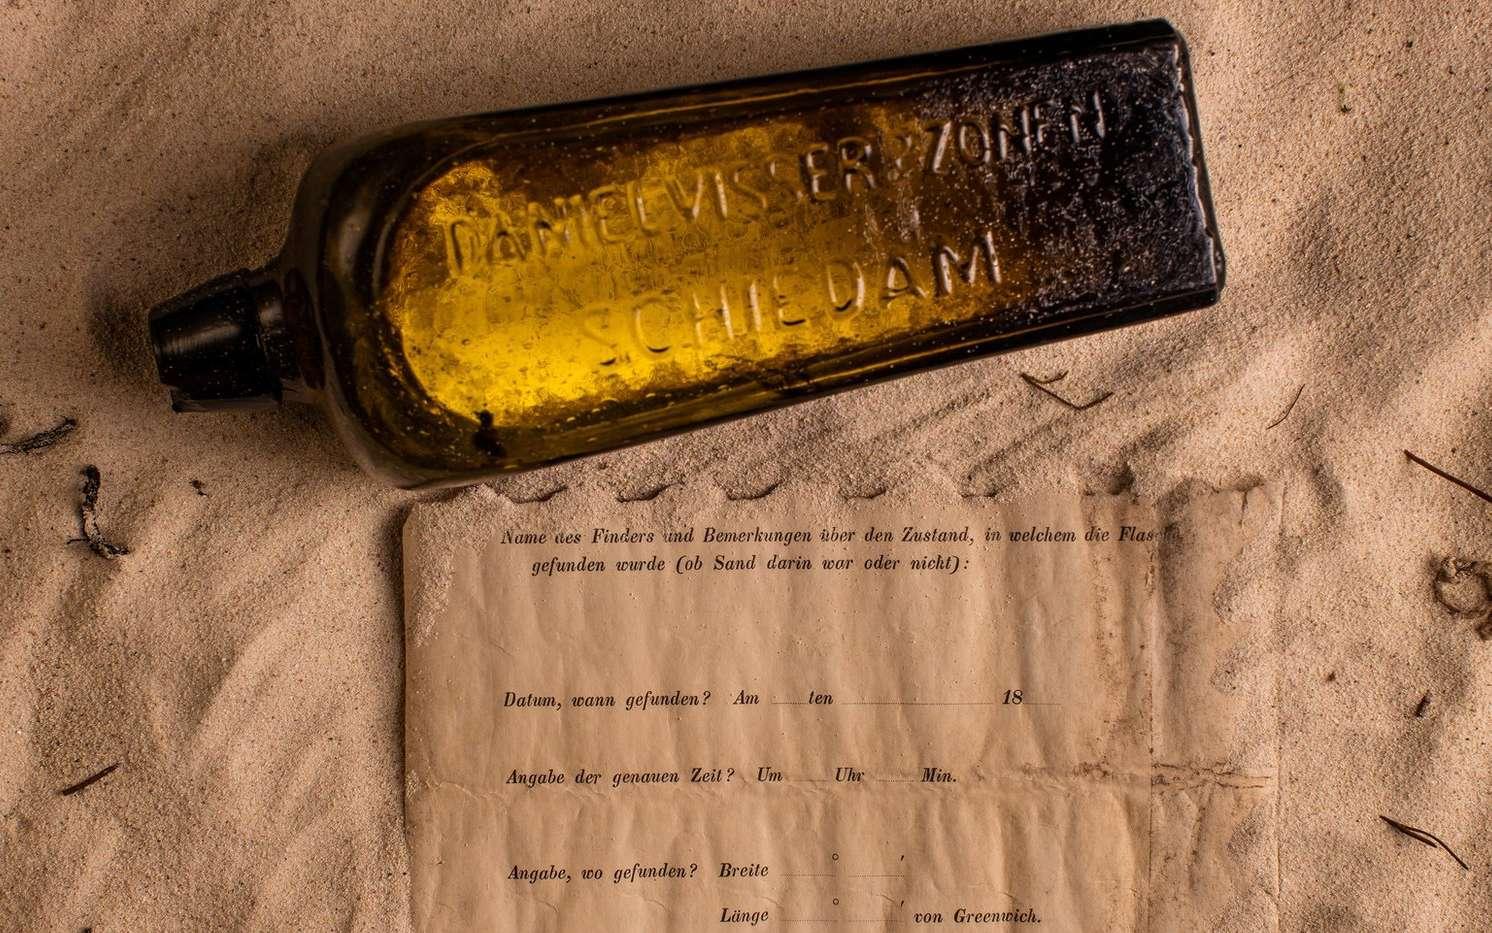 La bouteille à la mer retrouvée par Tonya Illman et le message imprimé qui était à l'intérieur. © Kymillman.com